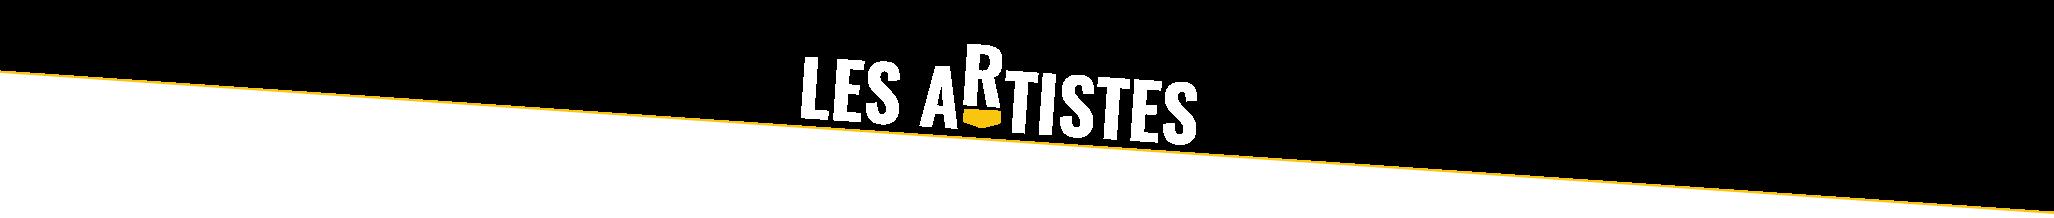 seperateur-accueil-les-artistes